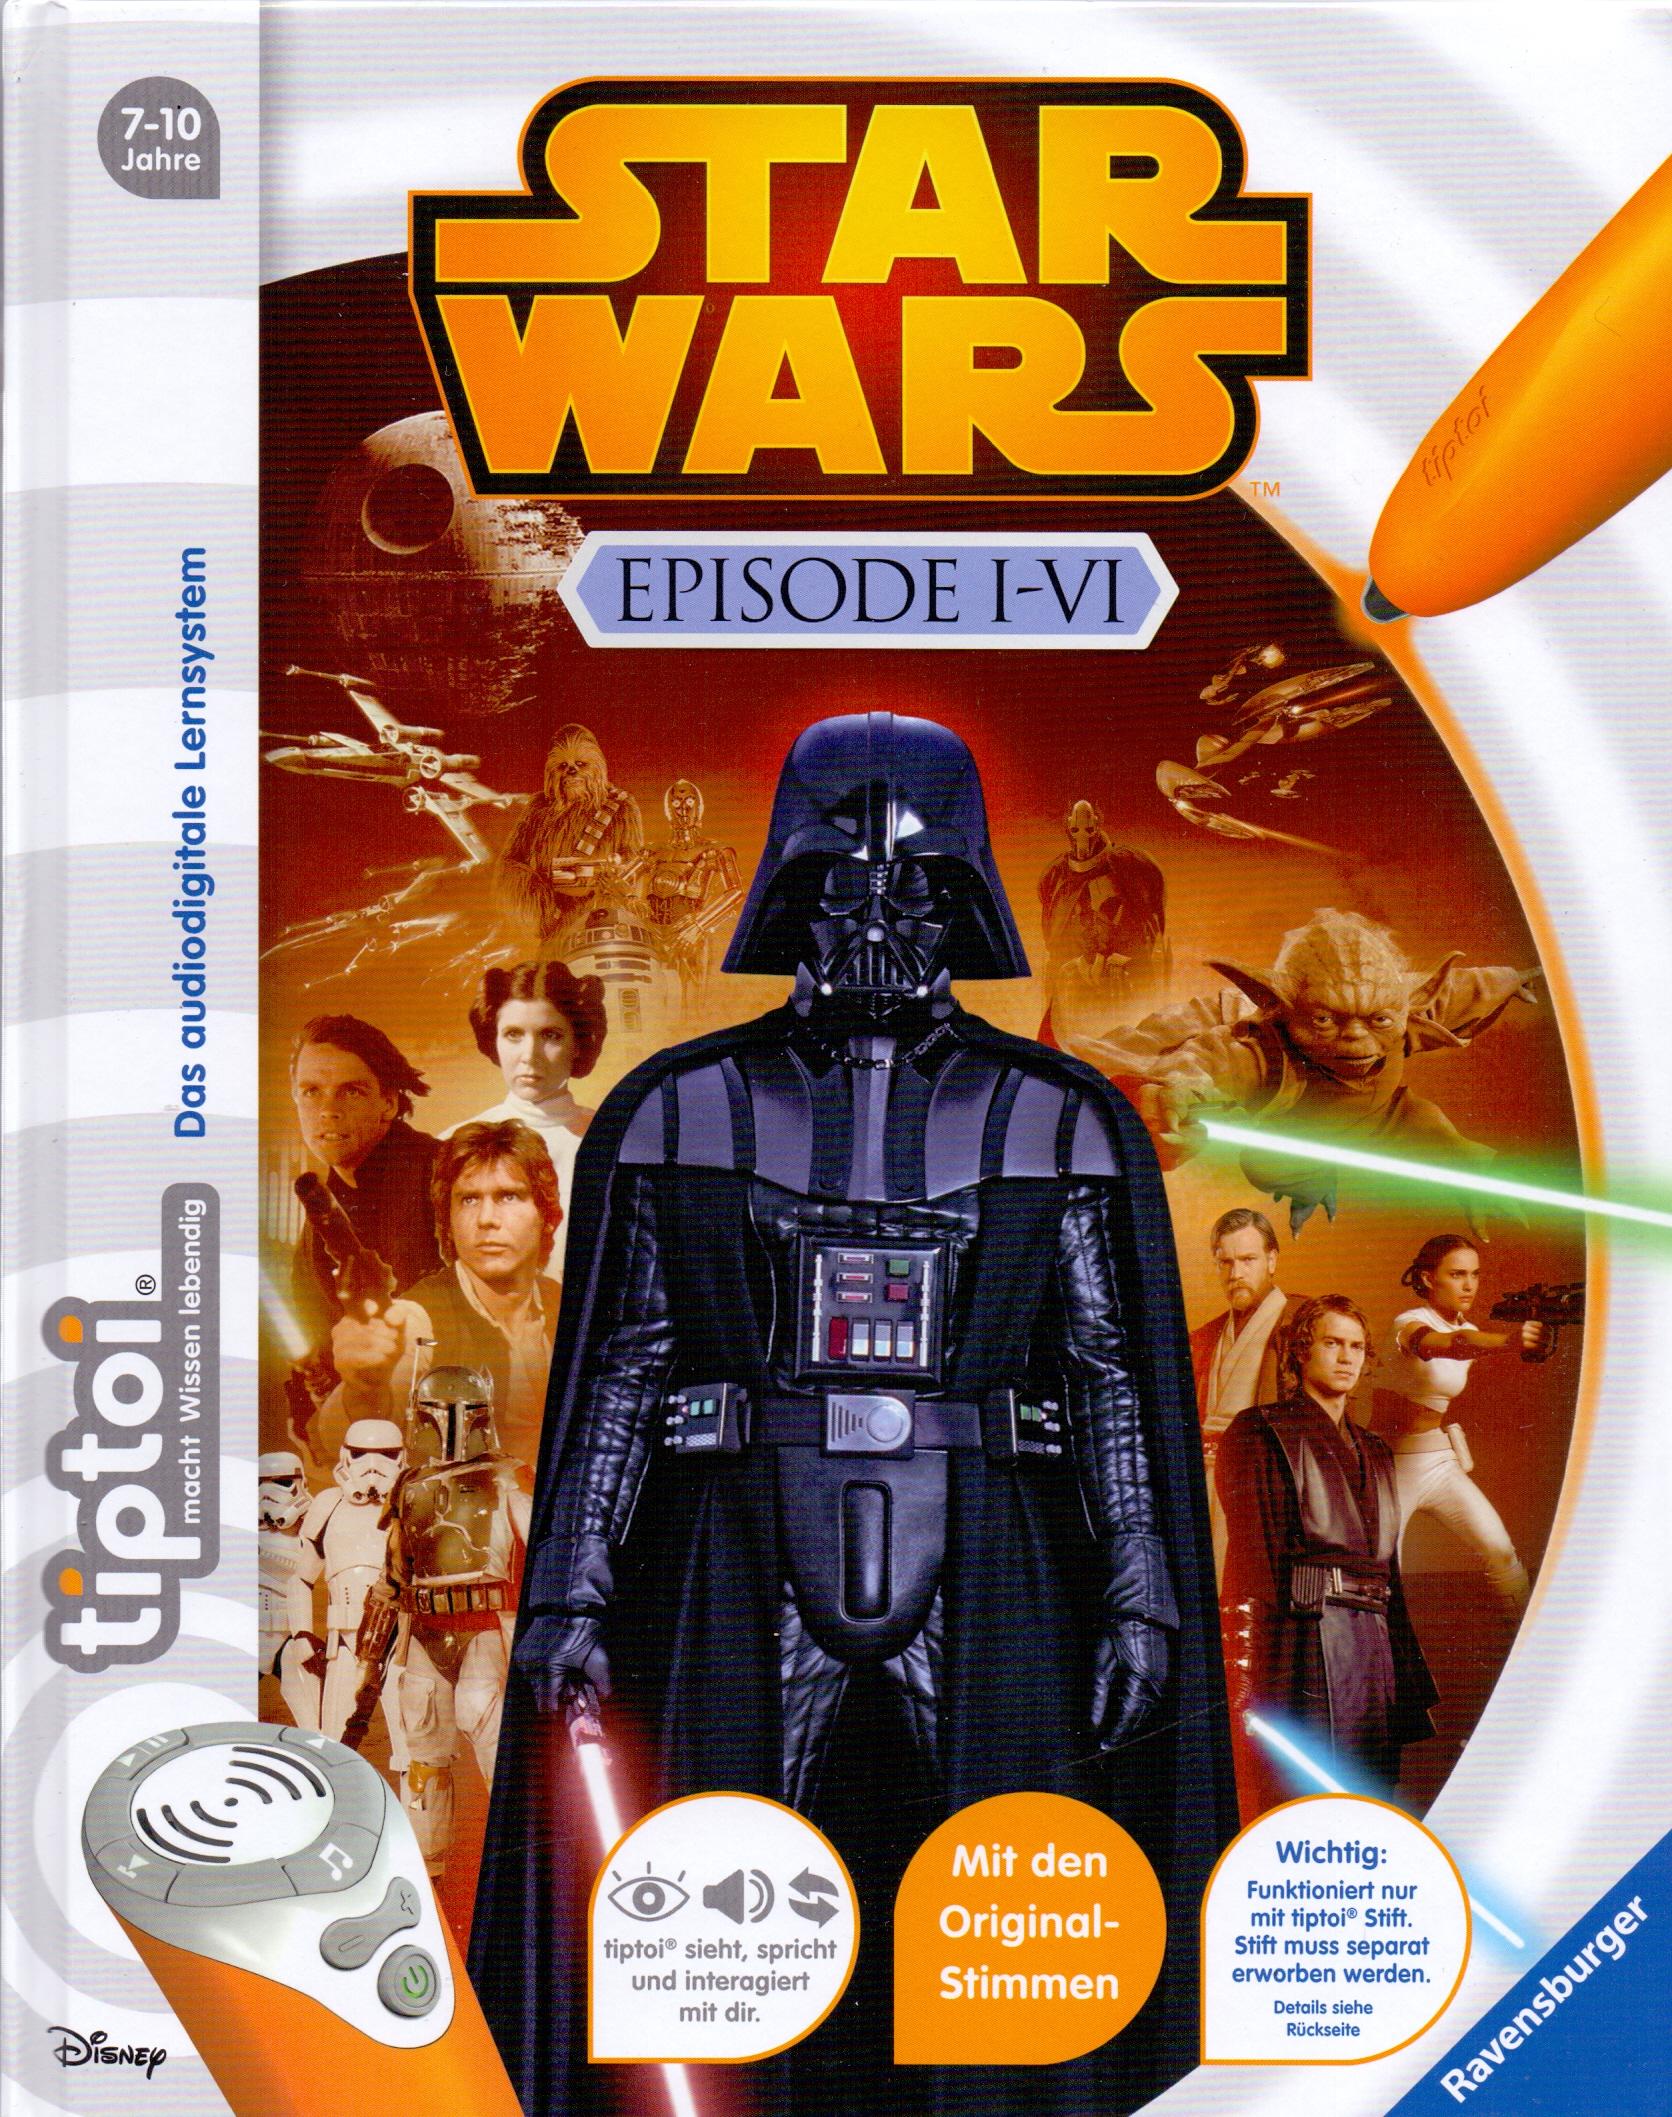 tiptoi® Star Wars: Episode I-VI [Gebundene Ausgabe]